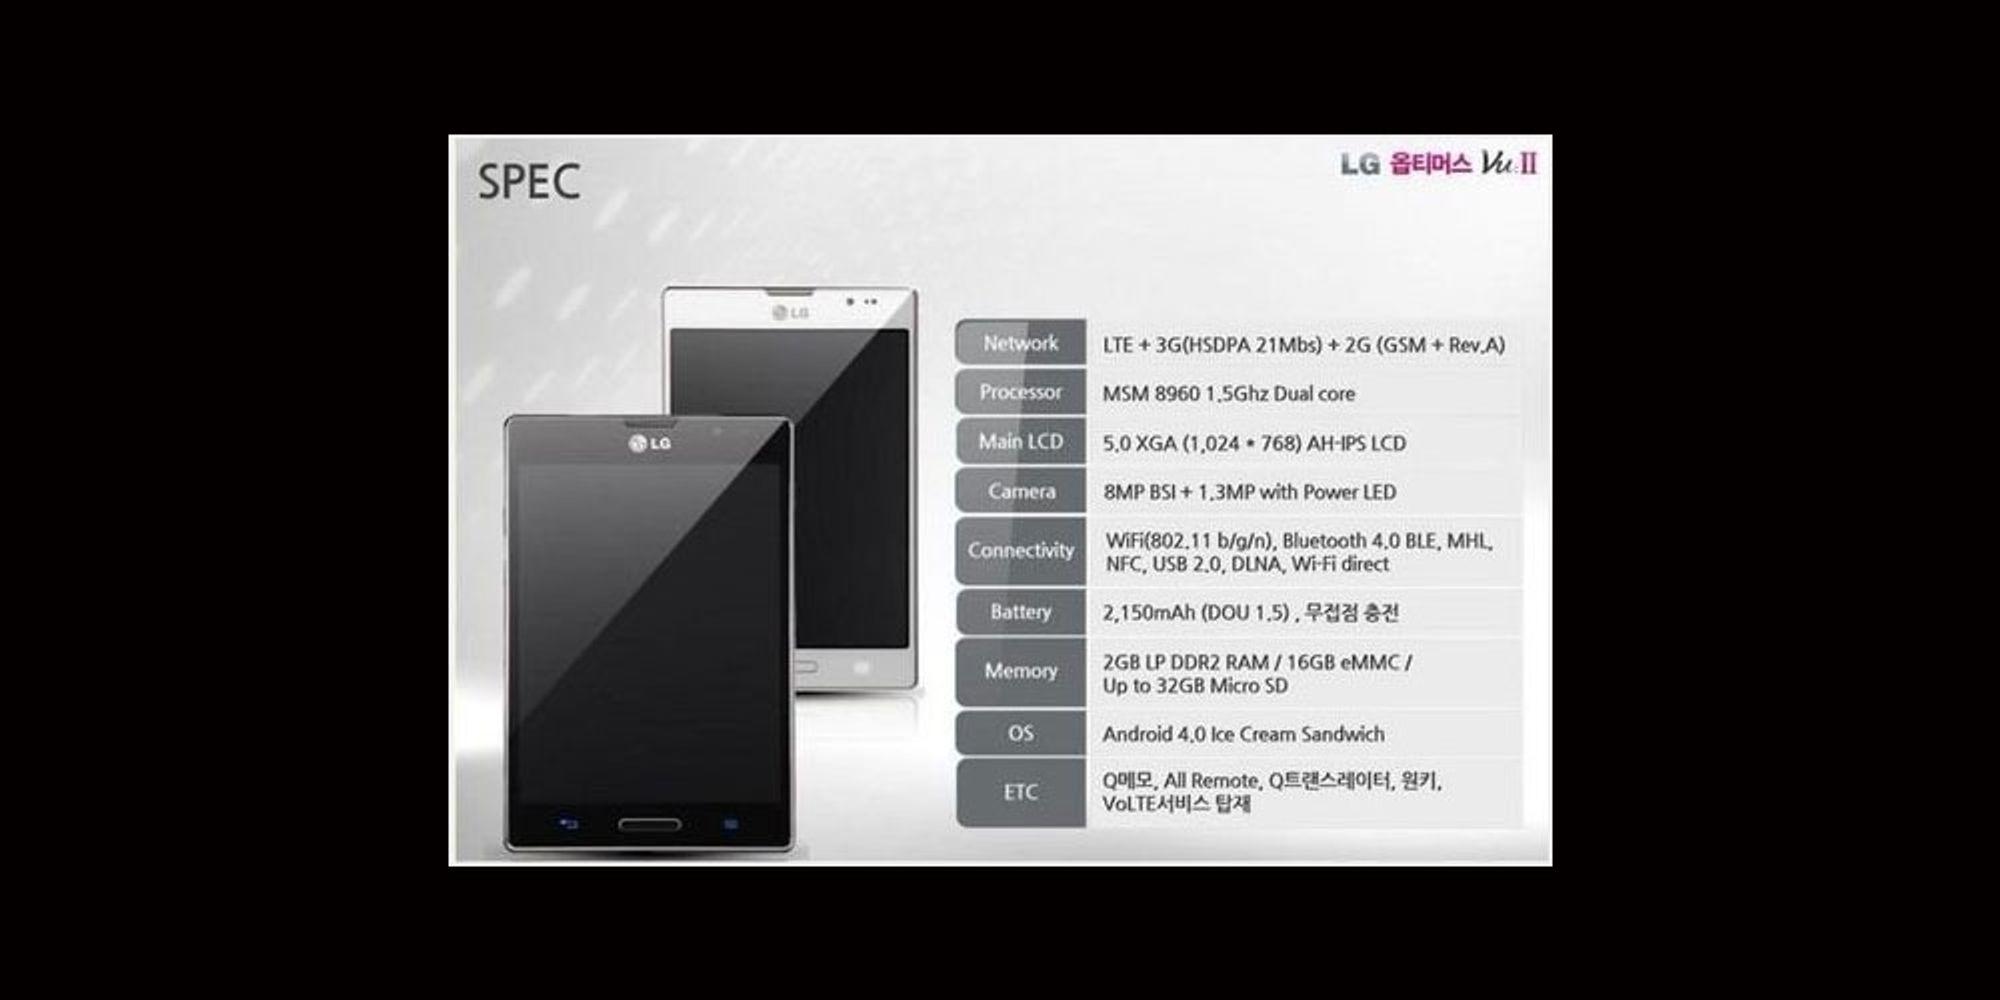 Oppfølger til LG Optimus Vu er lekket